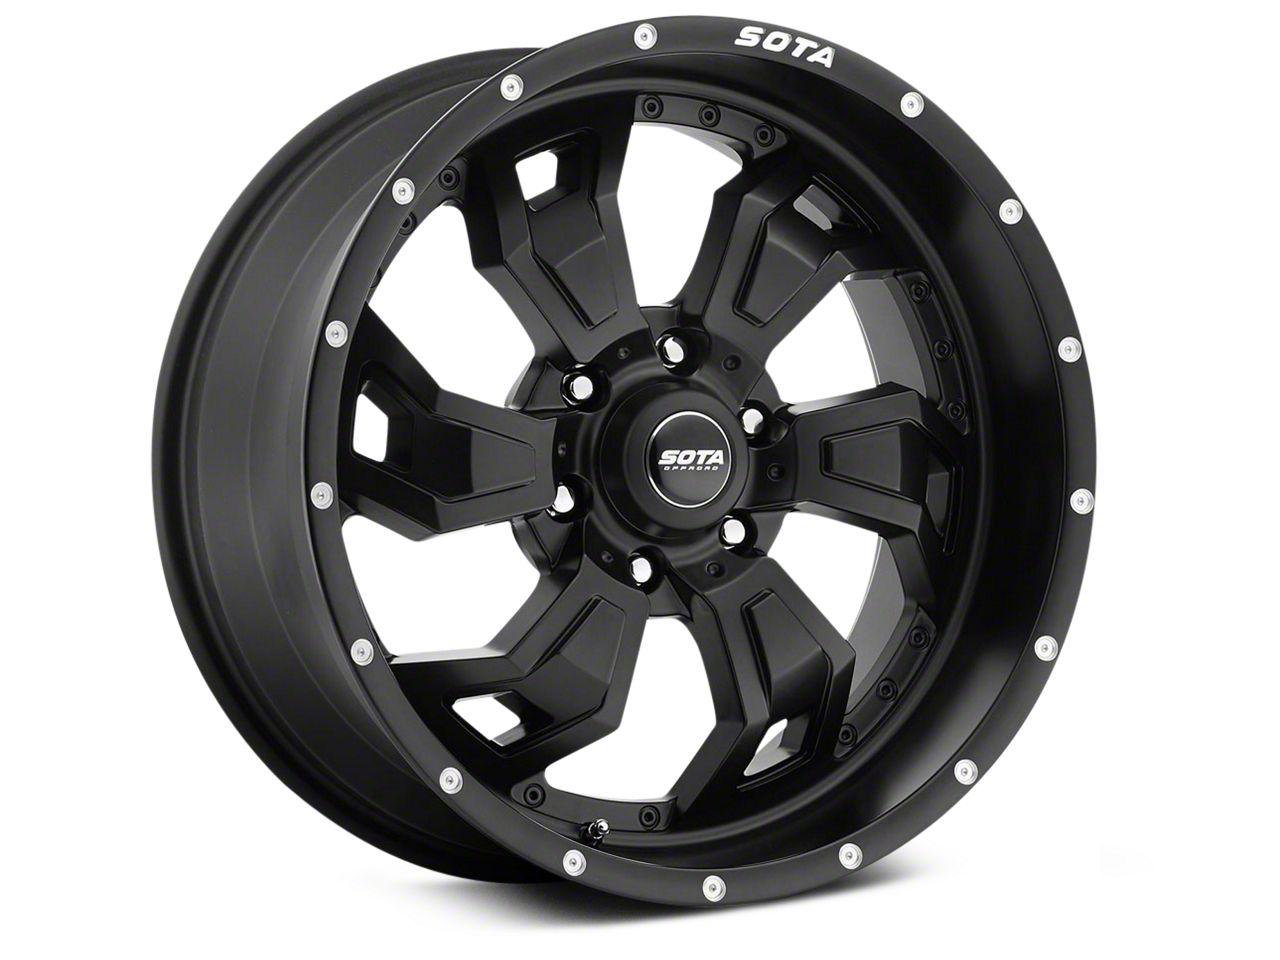 SOTA Off Road SCAR Stealth Black 6-Lug Wheel - 20x9 (99-18 Silverado 1500)